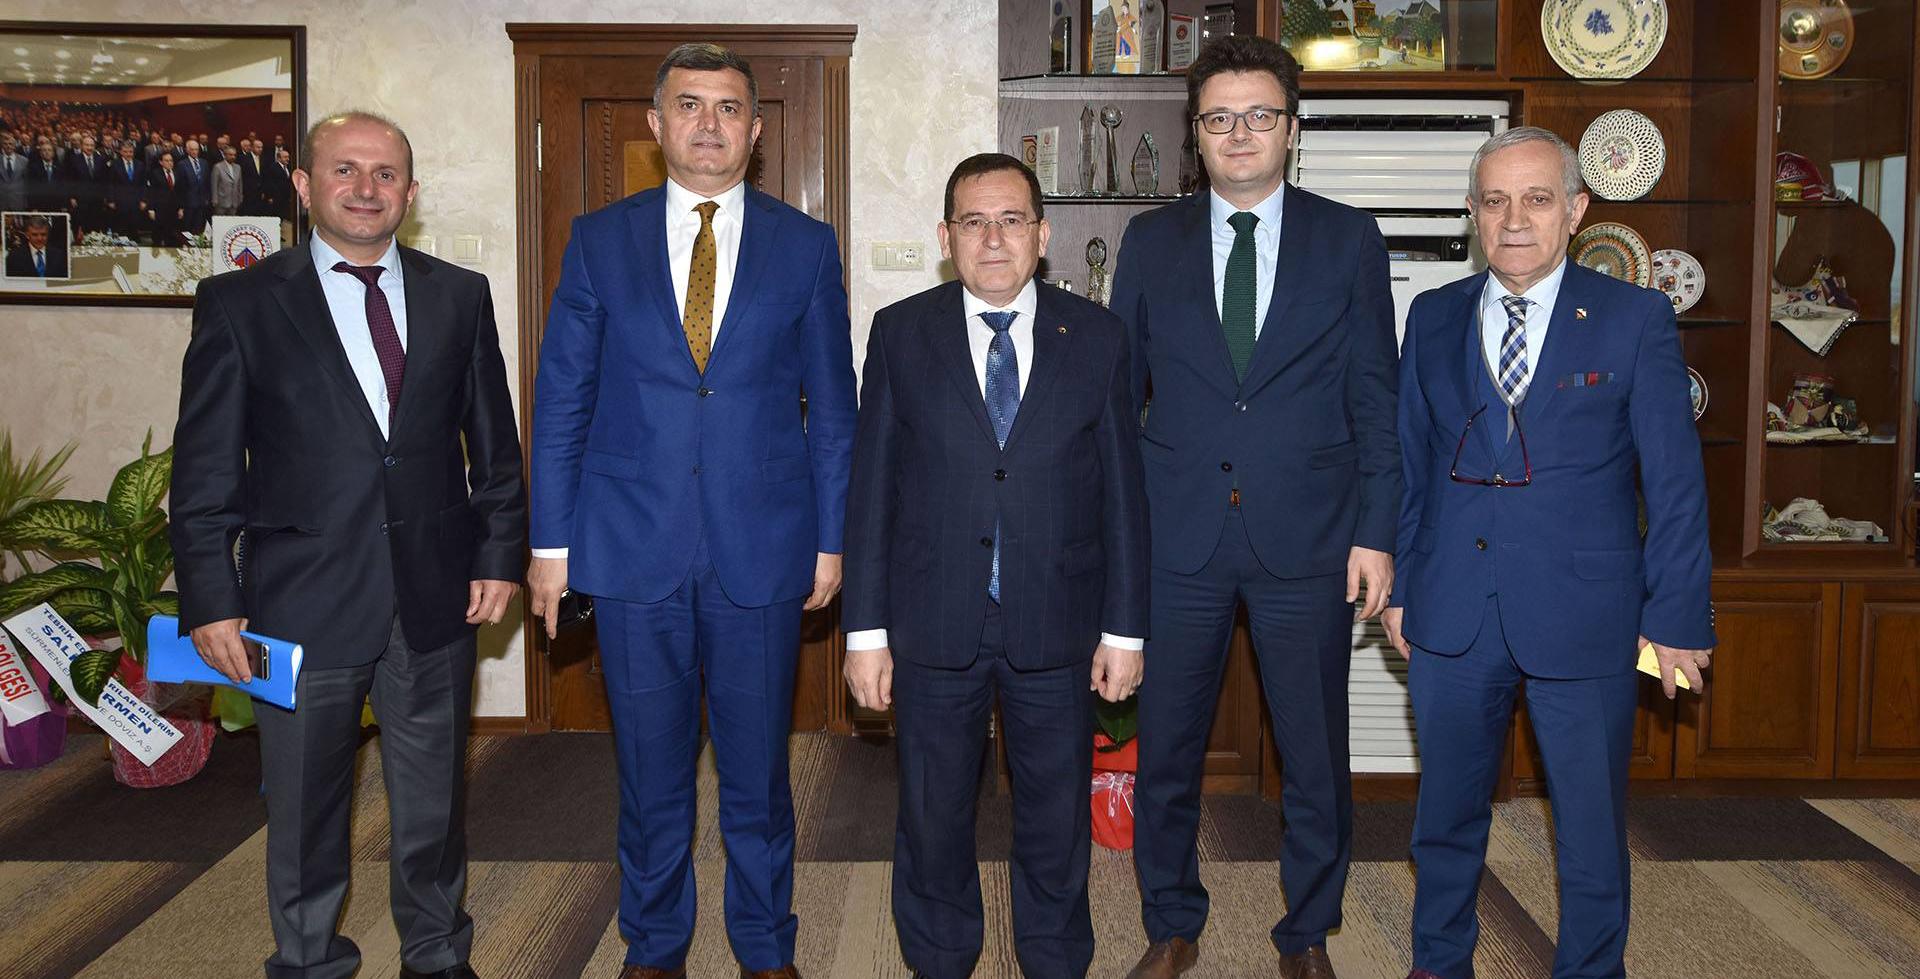 Trabzon'da Nefes Kredisi miktarı 16,5 milyon liraya ulaştı